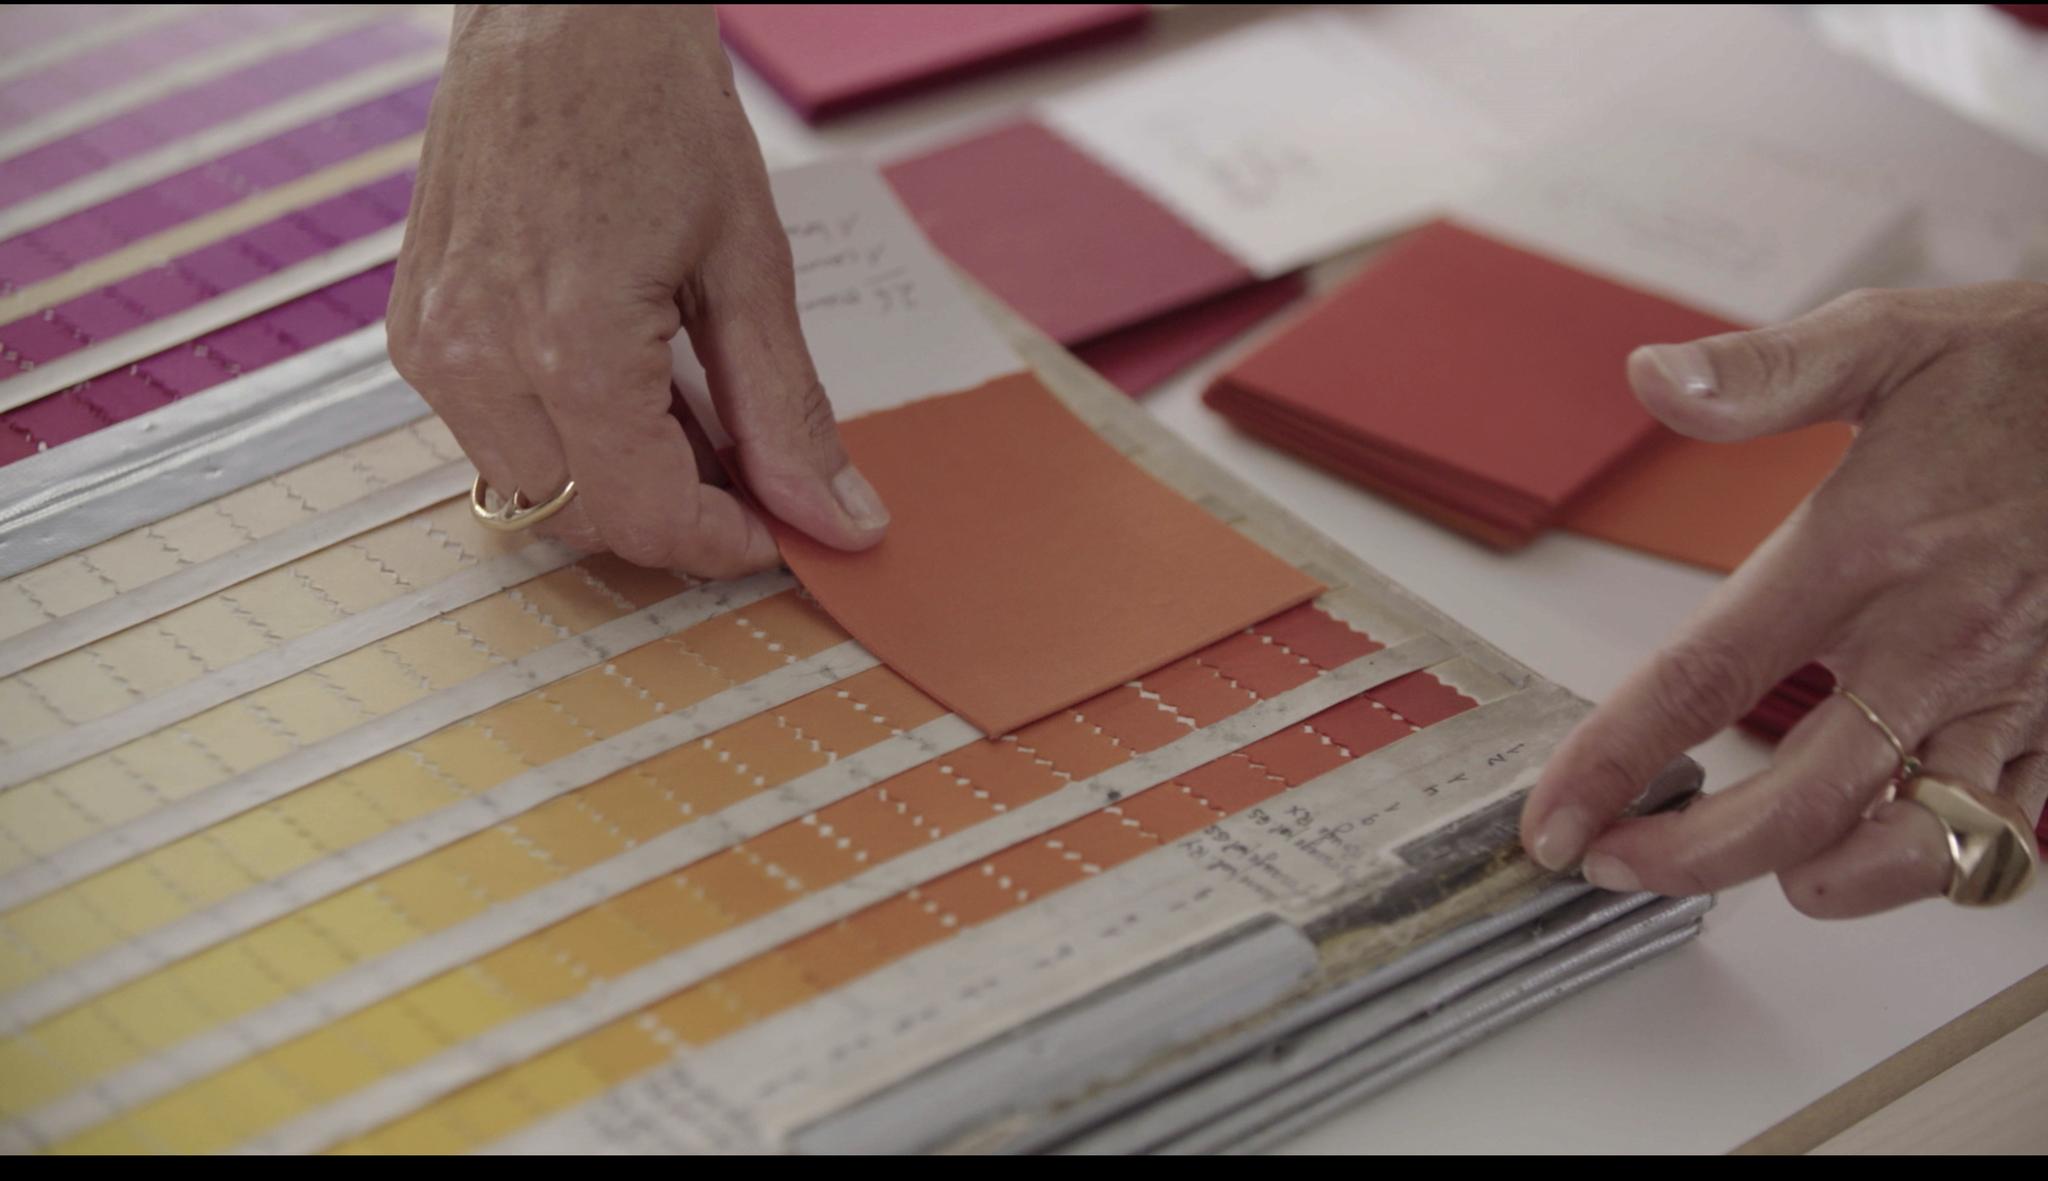 Colores y texturas de Hermès en los que se basa su colección de cosméticos